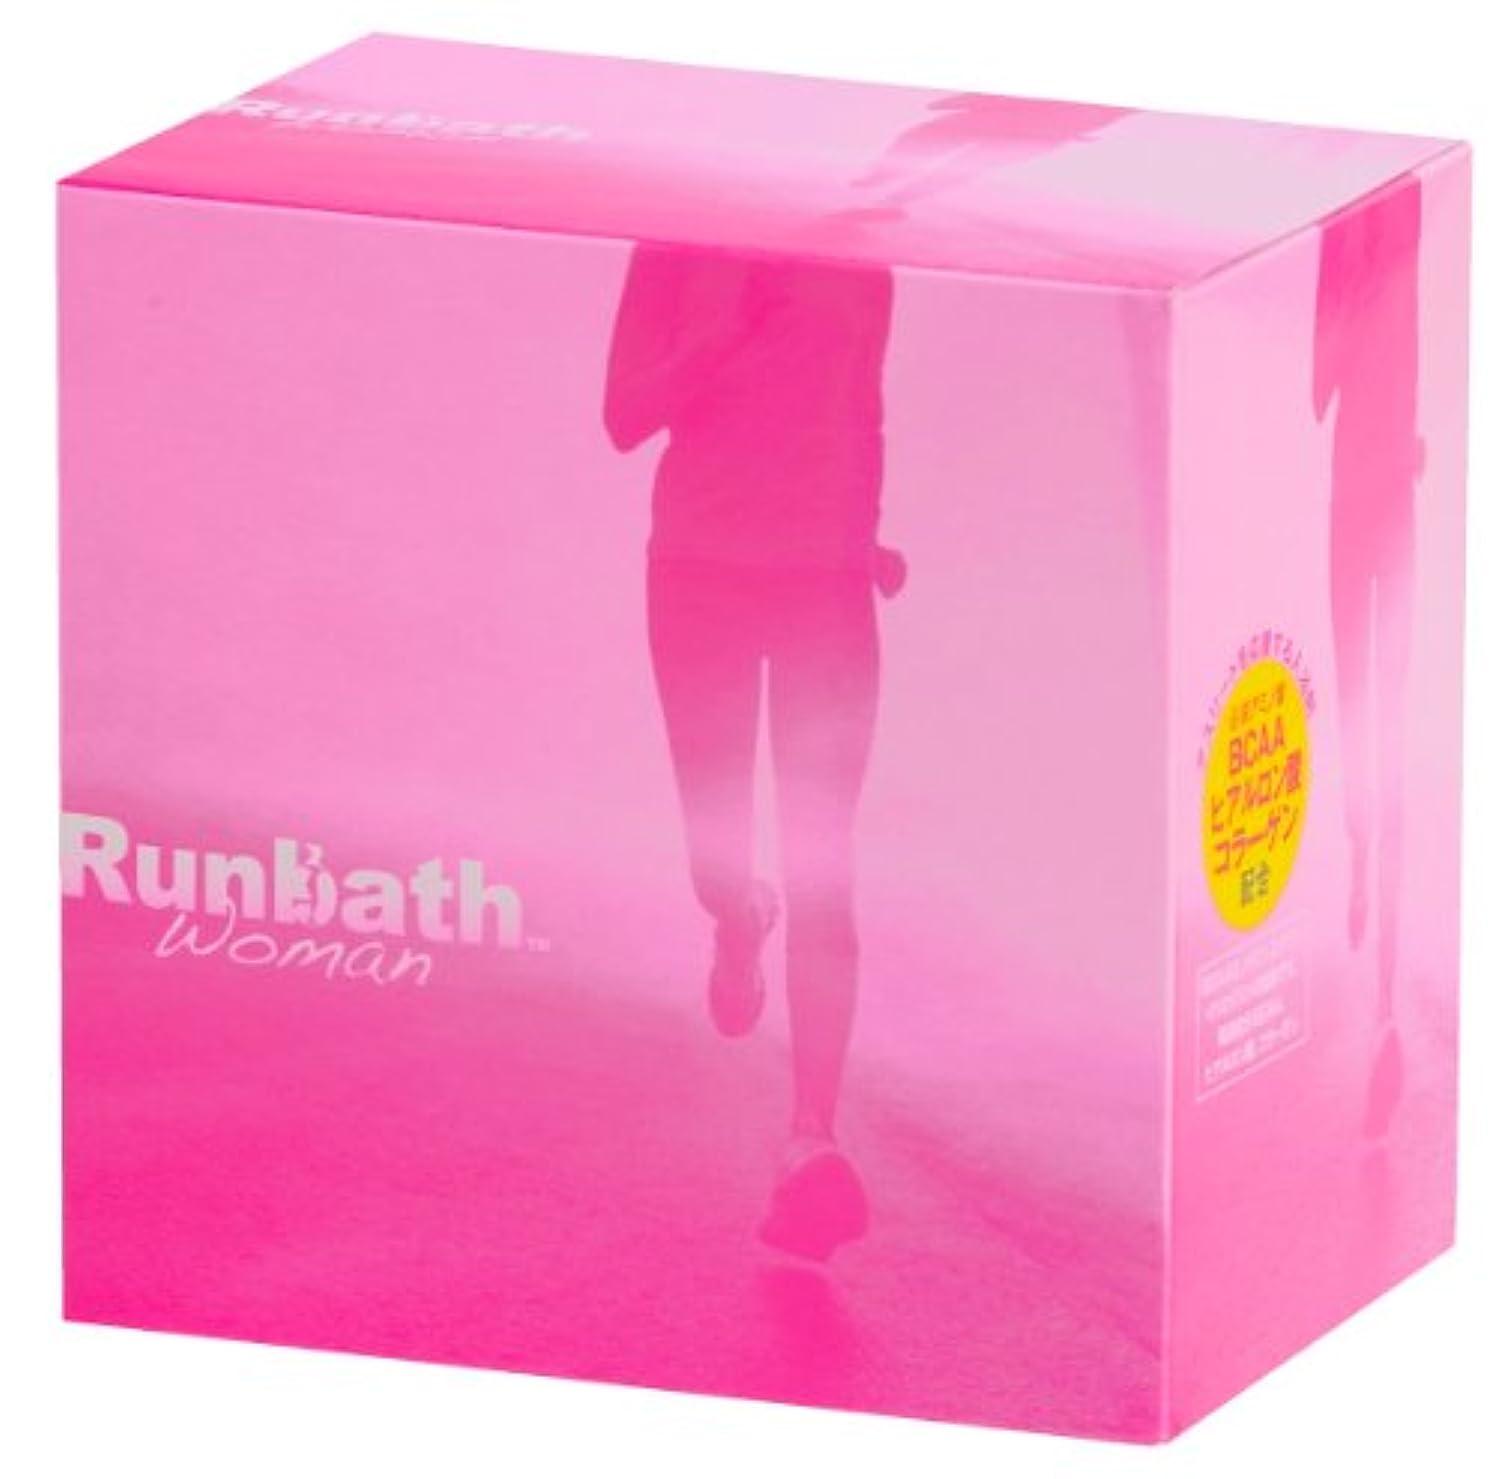 聖職者合わせて極めて重要なRunbath Woman ランバスウーマン